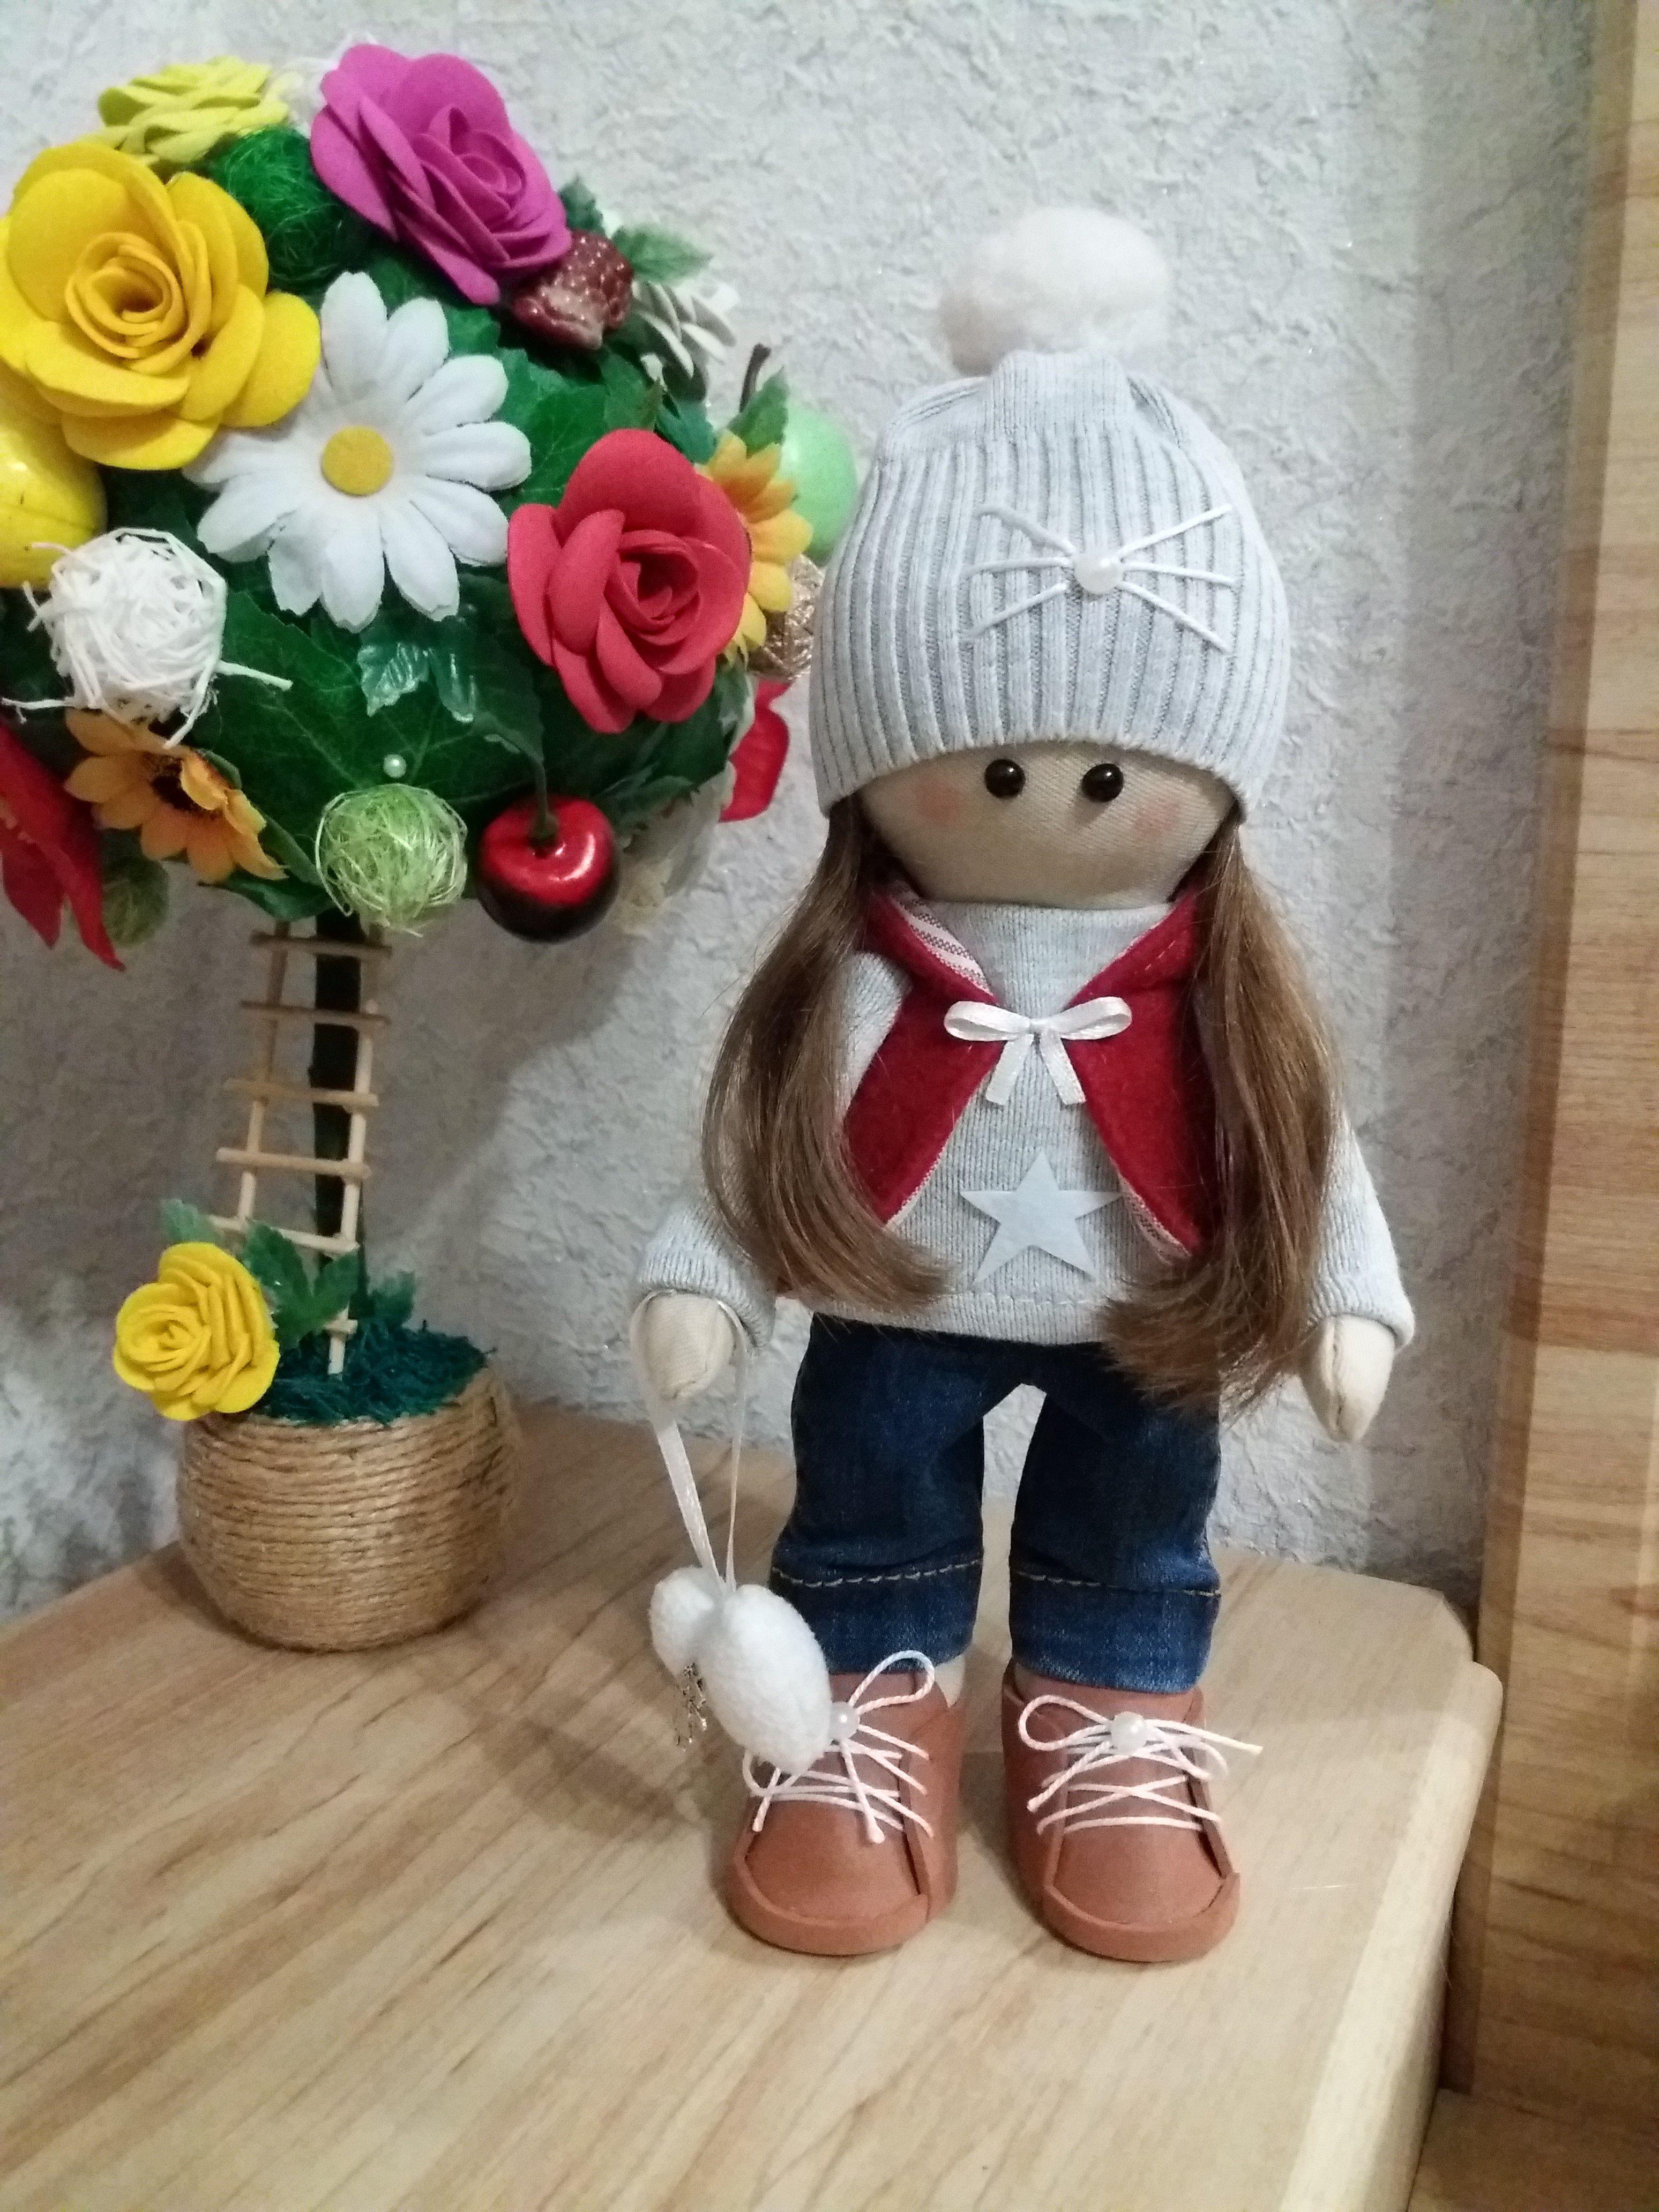 выполнено любовью ростом тело куколка одежда стоит самостоятельно снимаются кукольного трикотажа обувь качестве наполнителя используется холлофайбер безвредный гипоалергенный